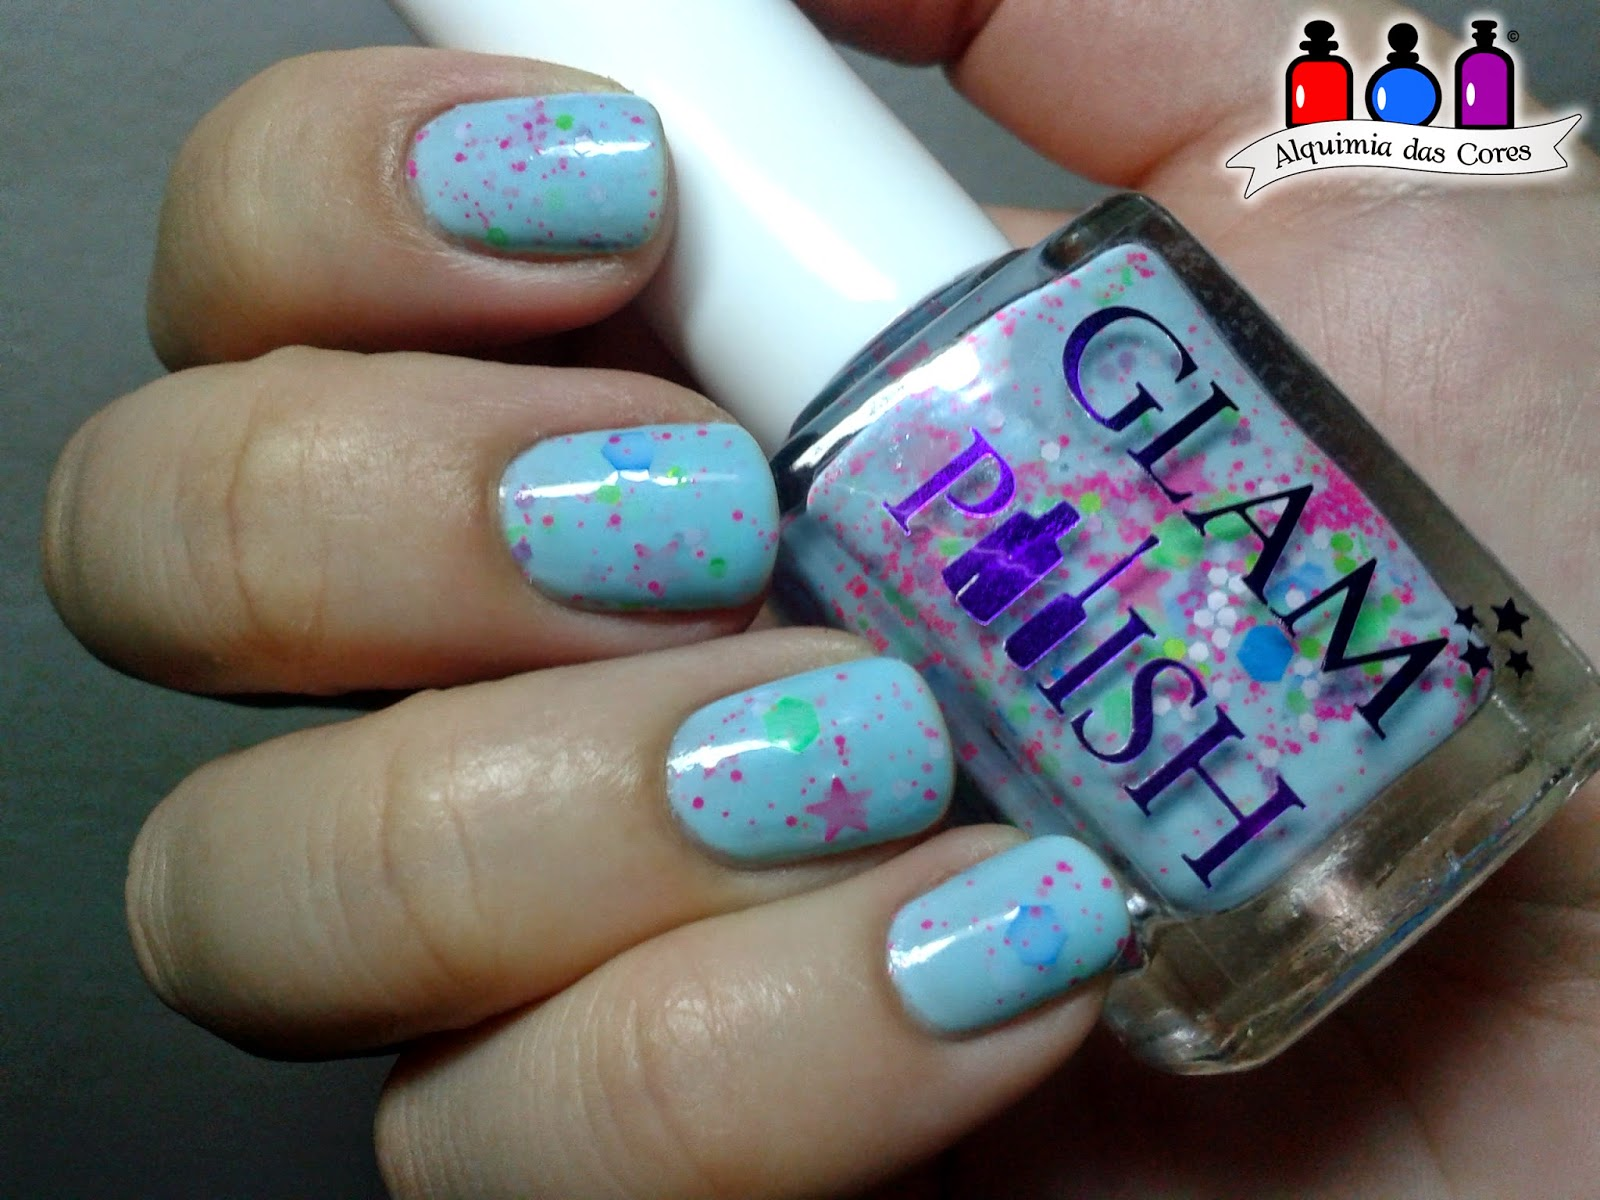 Glam Polish, Azul, Cremoglitter, neon, Glitter, importado, Neon Nubs, caminie, esmalte, nail polish